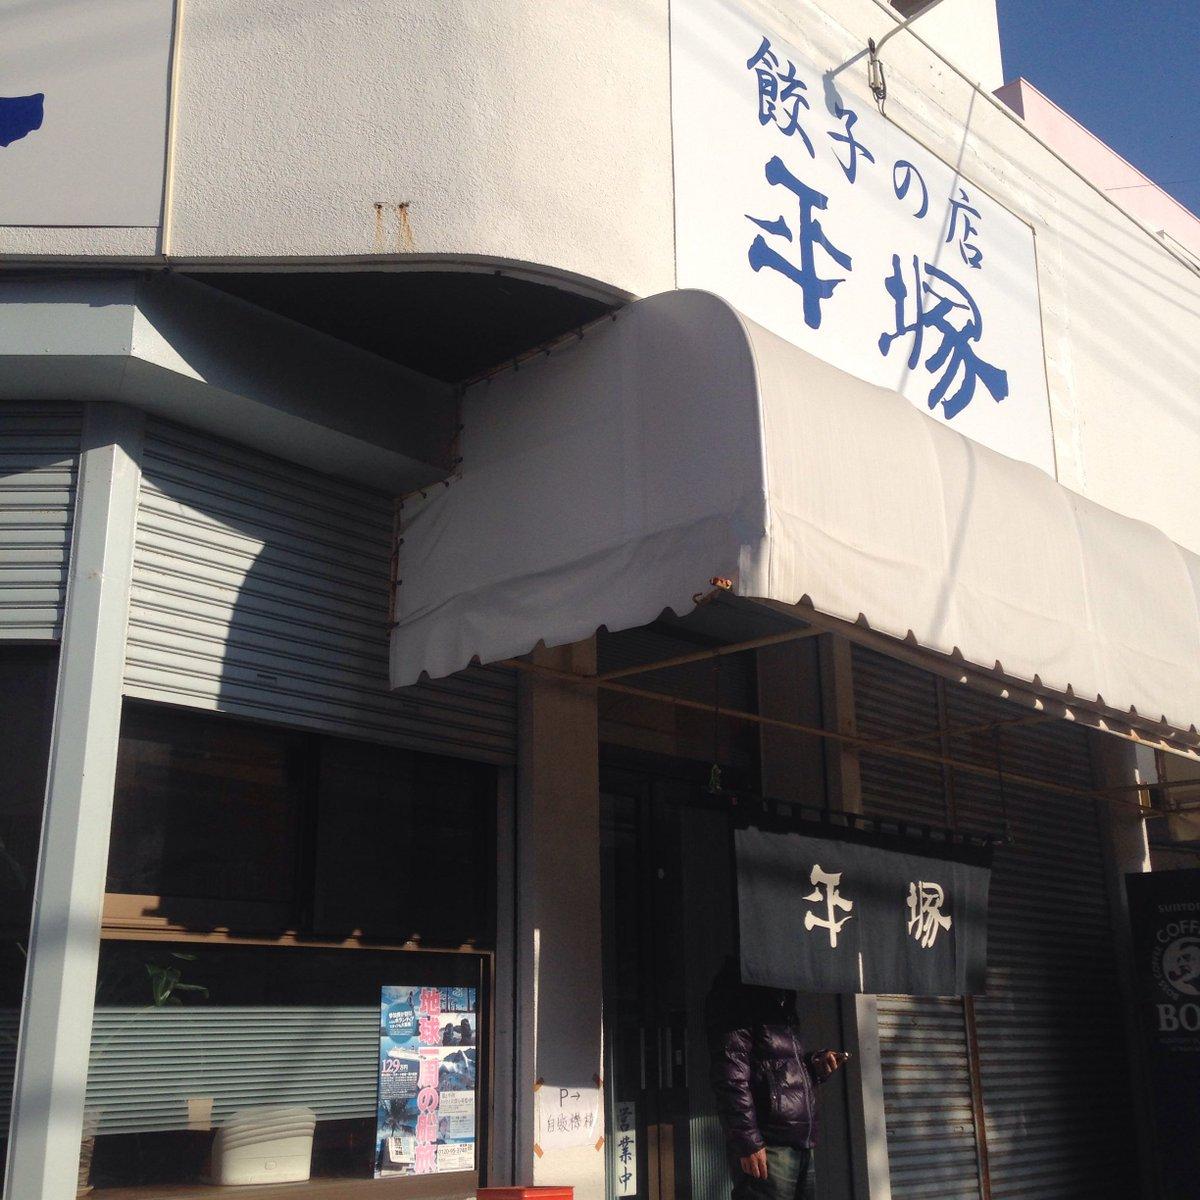 人気の絶頂で閉店したらーめん平塚@宇都宮。いまは餃子専門店として浦添市で鋭意営業中!夕方に開店し、暗くなる前に売り切れてしまう程の人気だ。マスターもイキイキノリノリで、沖縄の空気に馴染んでいましたw pic.twitter.com/Jkca01ci5y